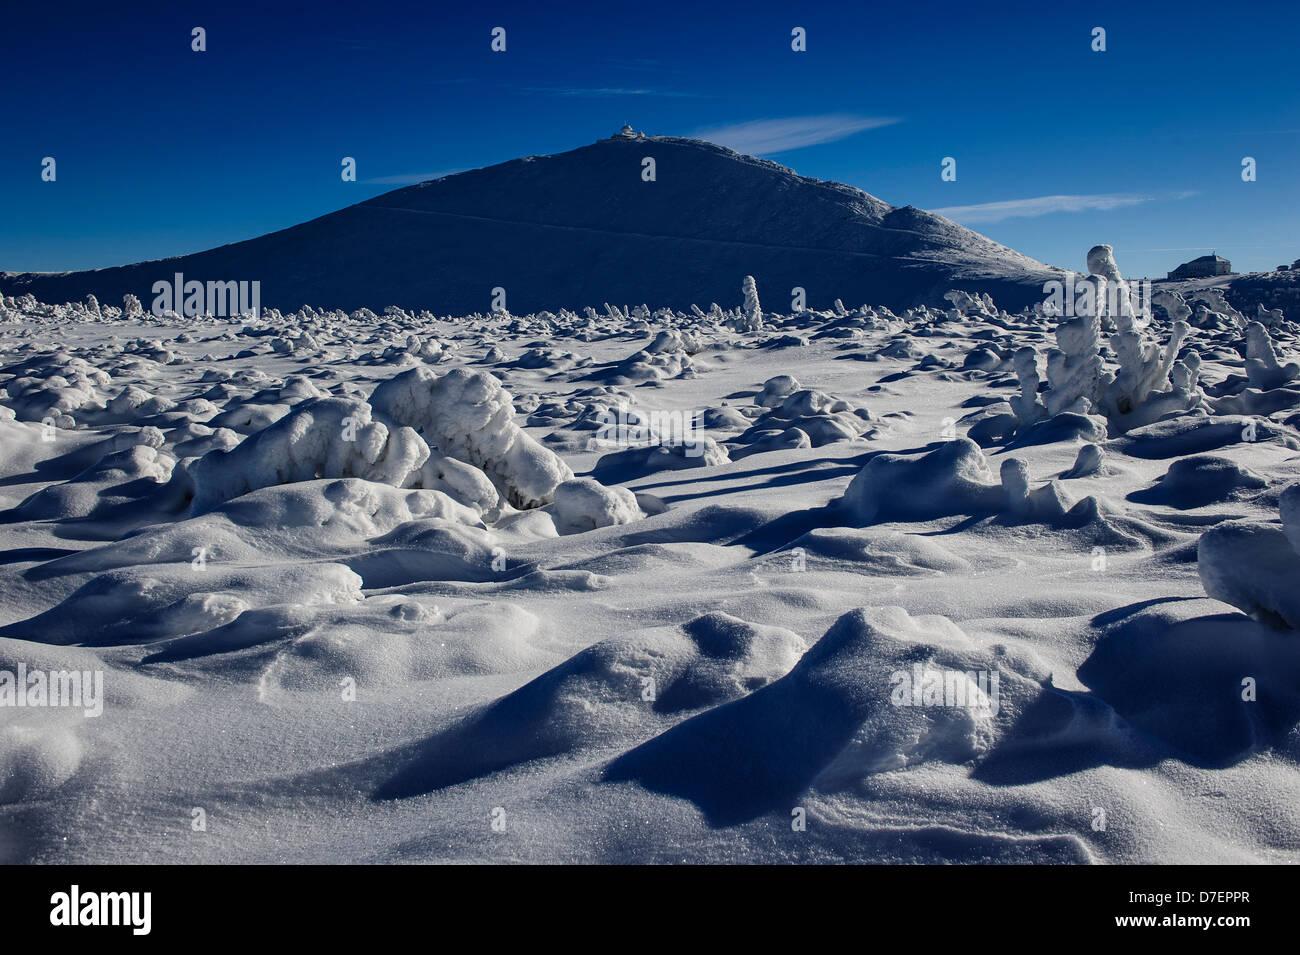 Vista del Sniezka nei monti Karkonosze, Polonia. Immagini Stock